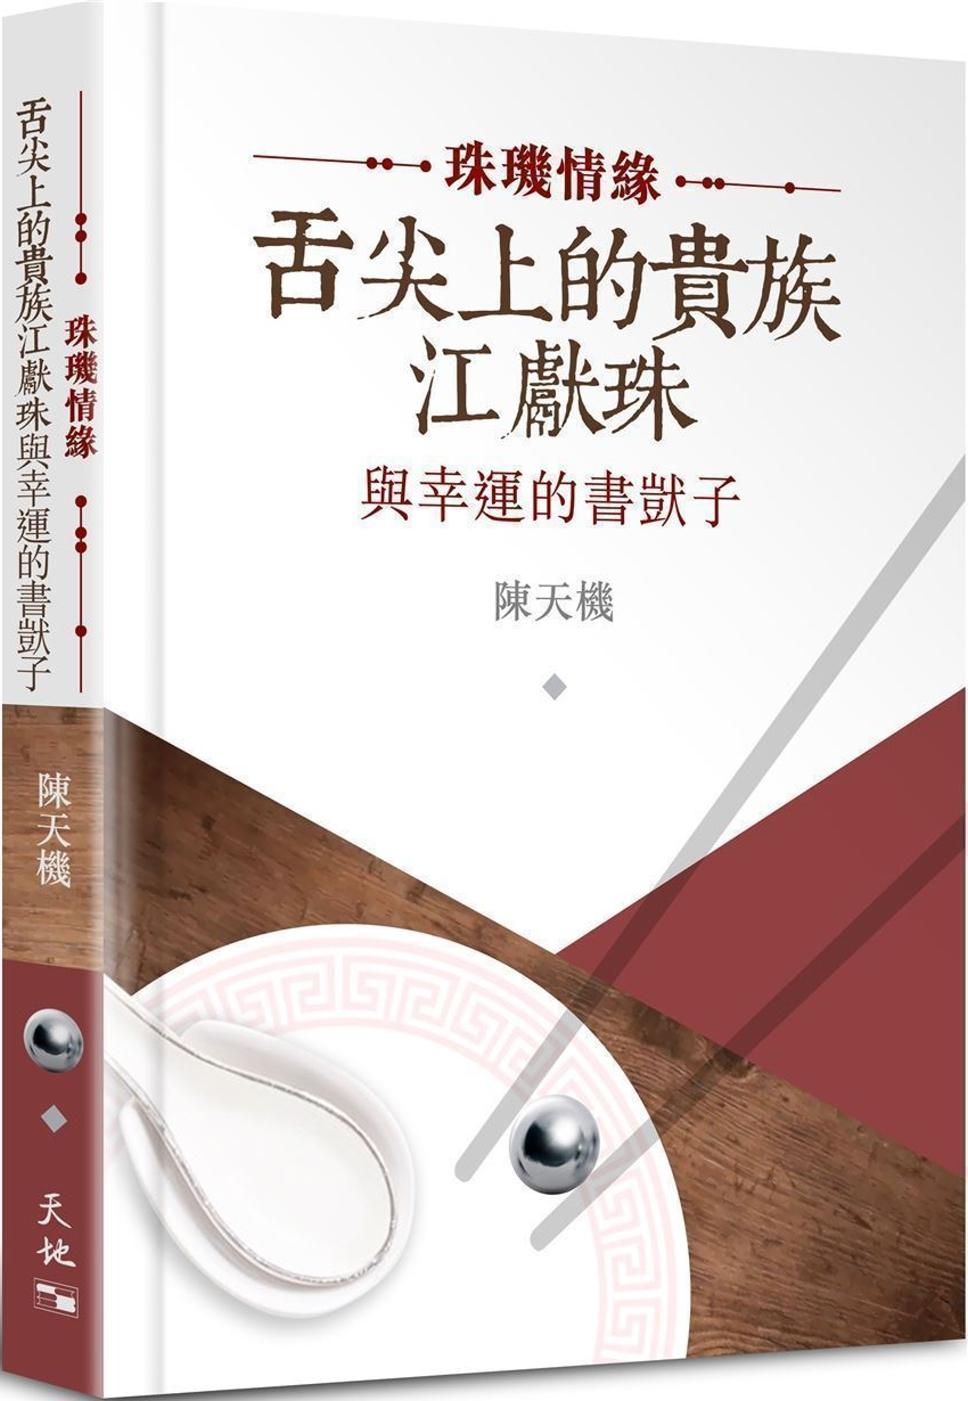 珠璣情緣:舌尖上的貴族江獻珠與幸運的書獃子(精裝)